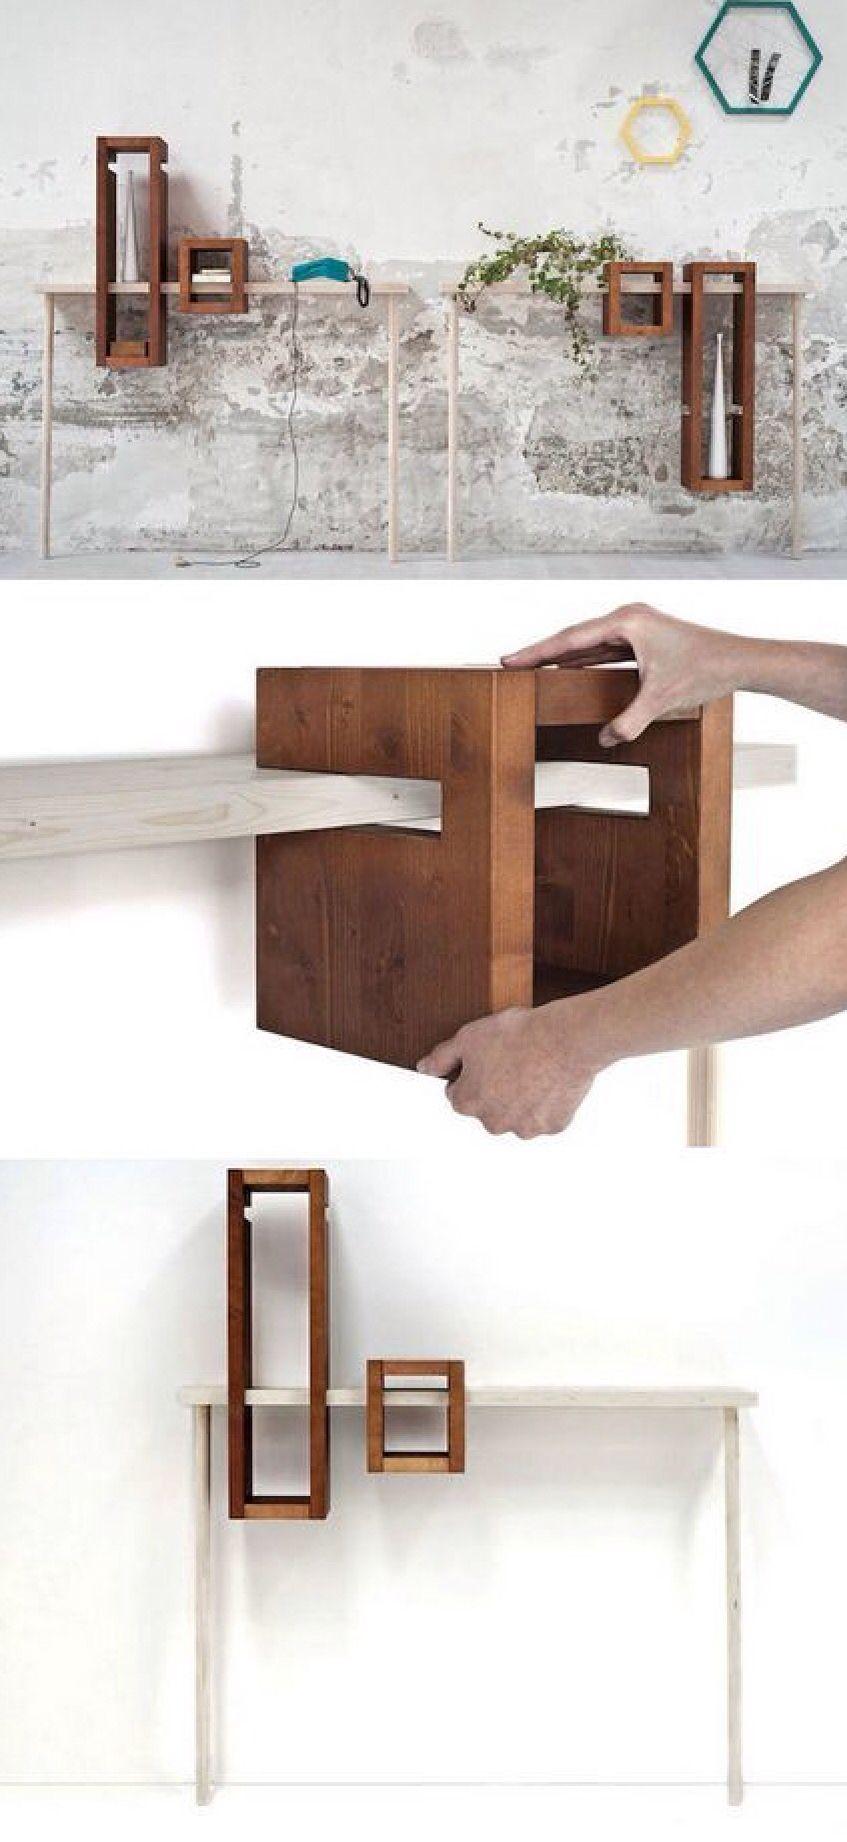 w rfel zum einh ngen in regalb den 2019 pinterest regal holzarbeiten m bel holz. Black Bedroom Furniture Sets. Home Design Ideas